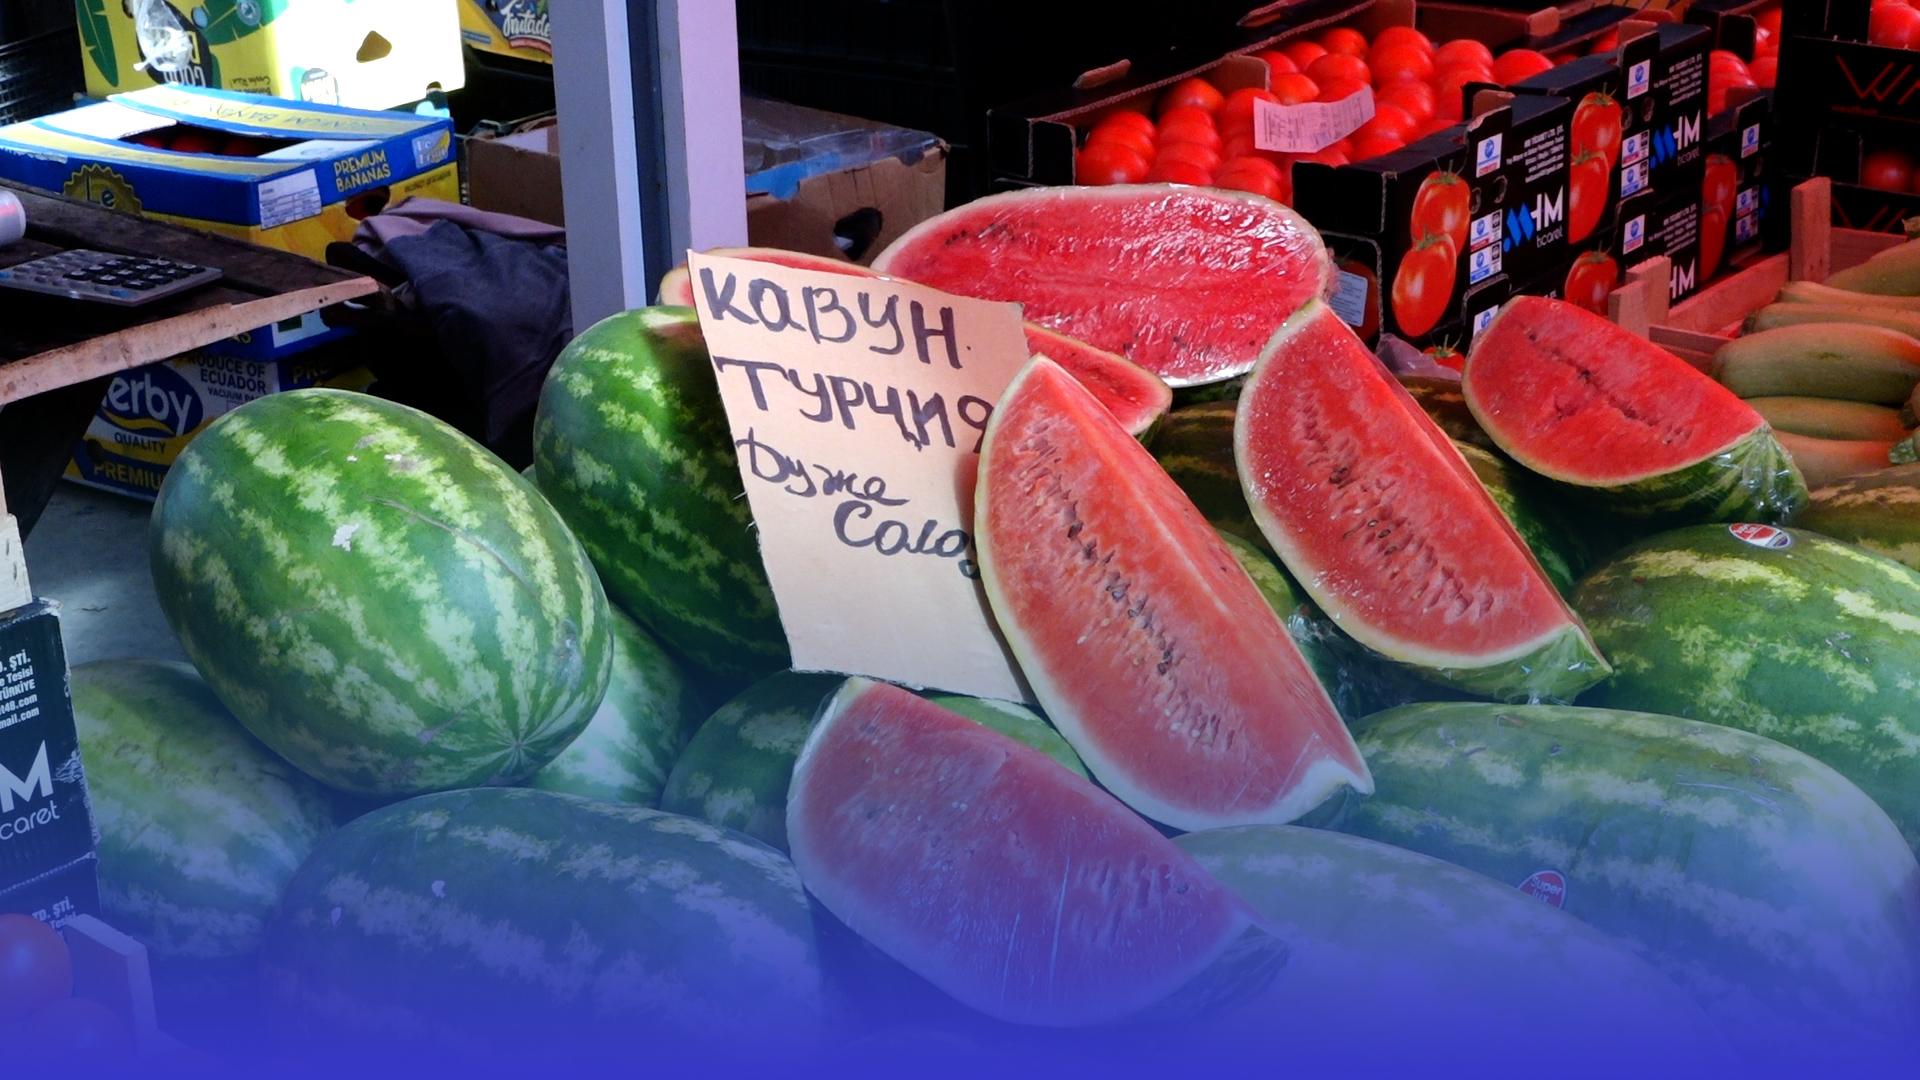 Кавуни та дині: які ціни на тернопільському ринку і чи безпечно їсти перший врожай